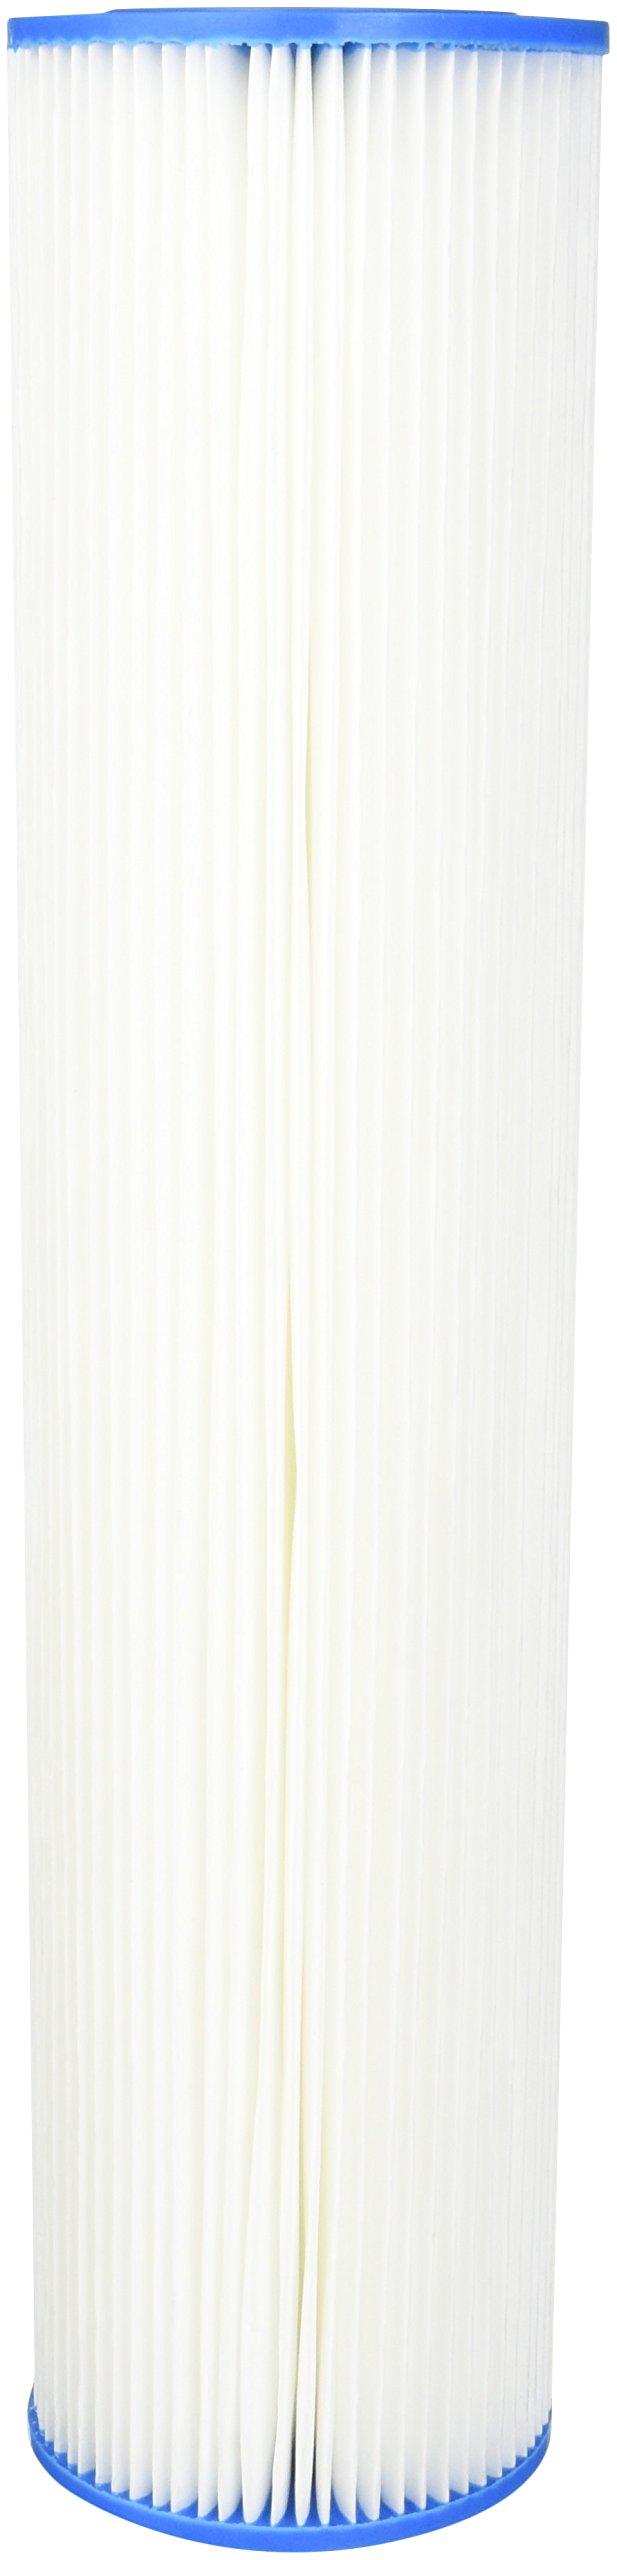 Hydro-Logic 22010 20-Inch by 4.5-Inch Big Boy Sediment Filter Cleanable